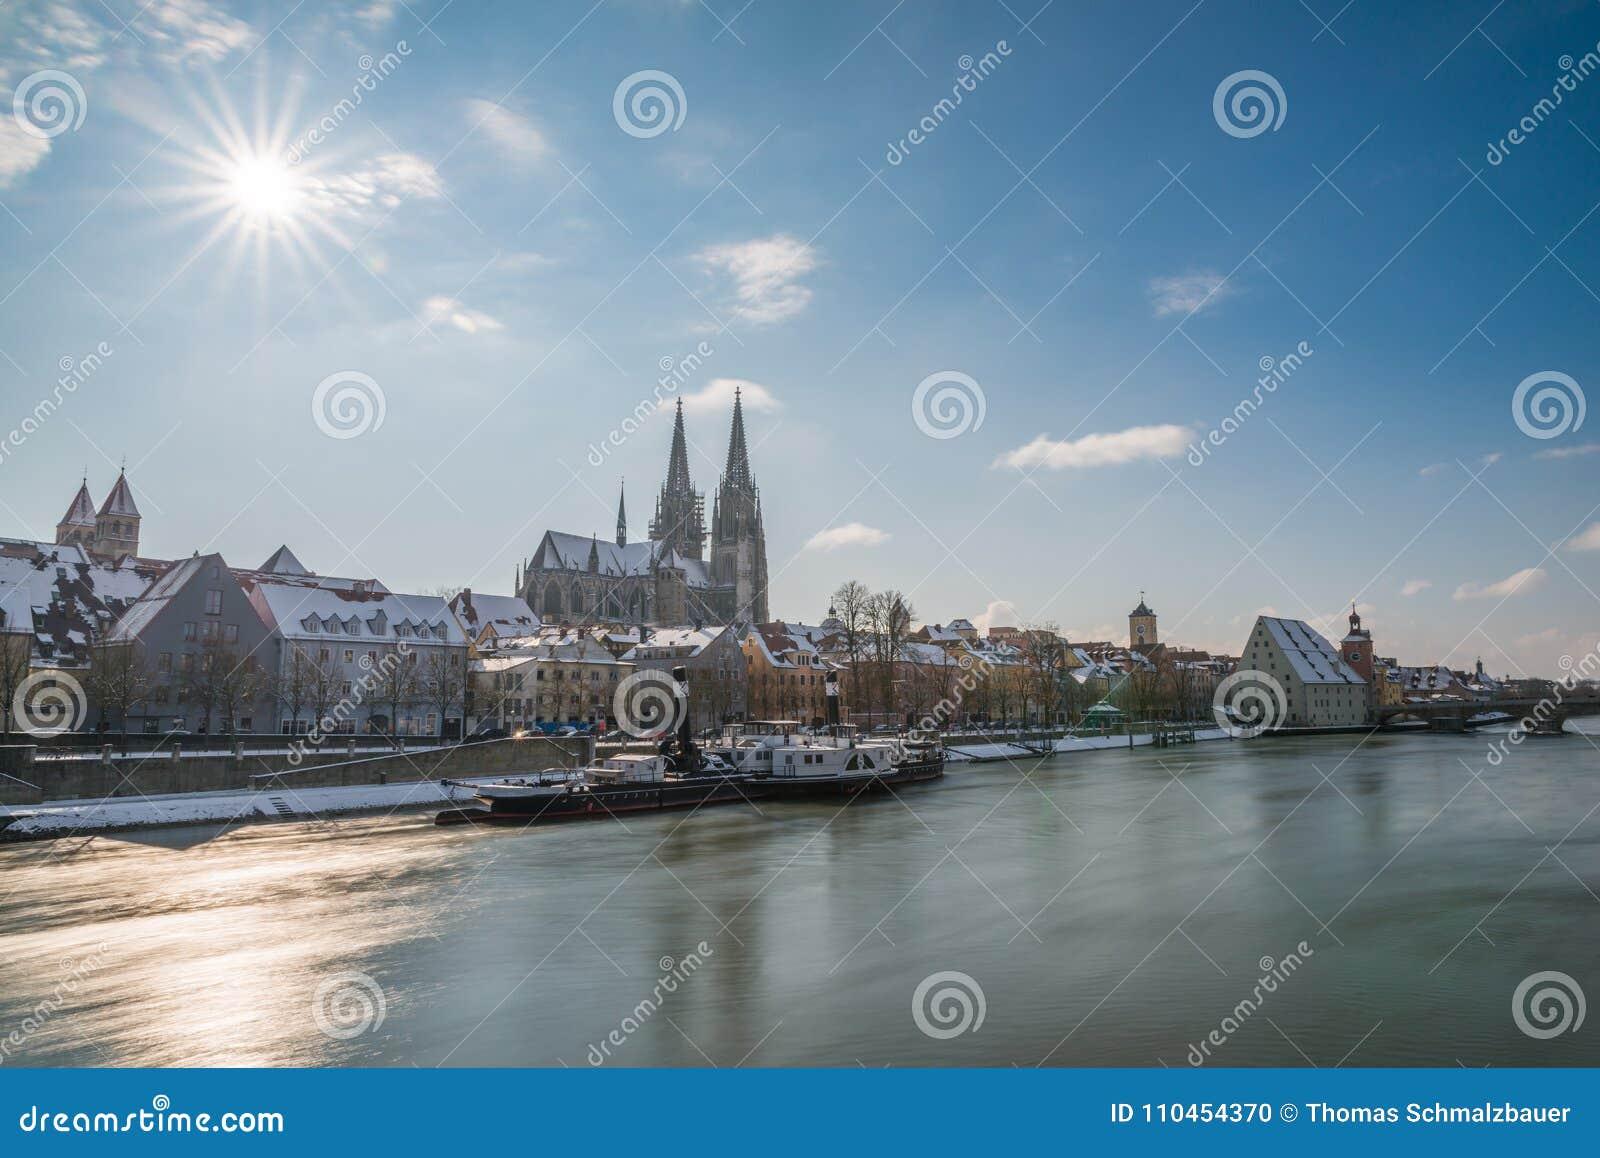 Regensburg på vintern med promenaden domkyrkan och stenbron, Tyskland